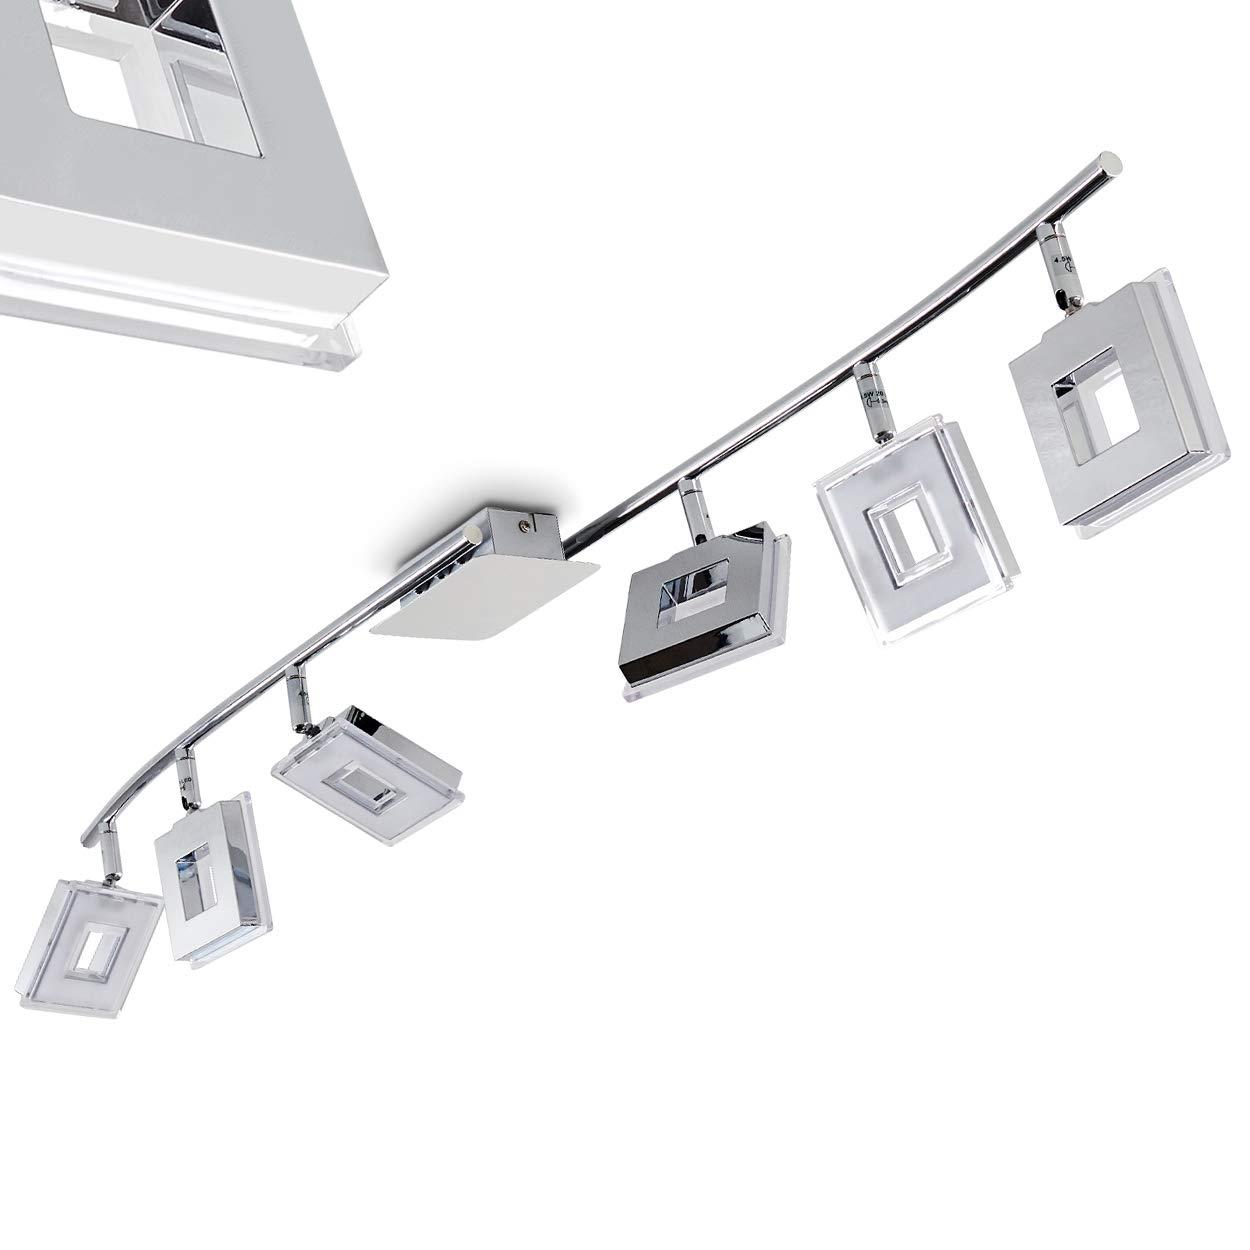 LED Deckenspot Krakau in Chrom mit 3 verstellbaren Leuchtenköpfen - 1050 Lumen und 3000 Kelvin warmweißes Licht - LED Deckenstrahler für die Beleuchtung vom Wohnzimmer, Küche, Bad, Flur [Energieklasse A++] Küche hofstein